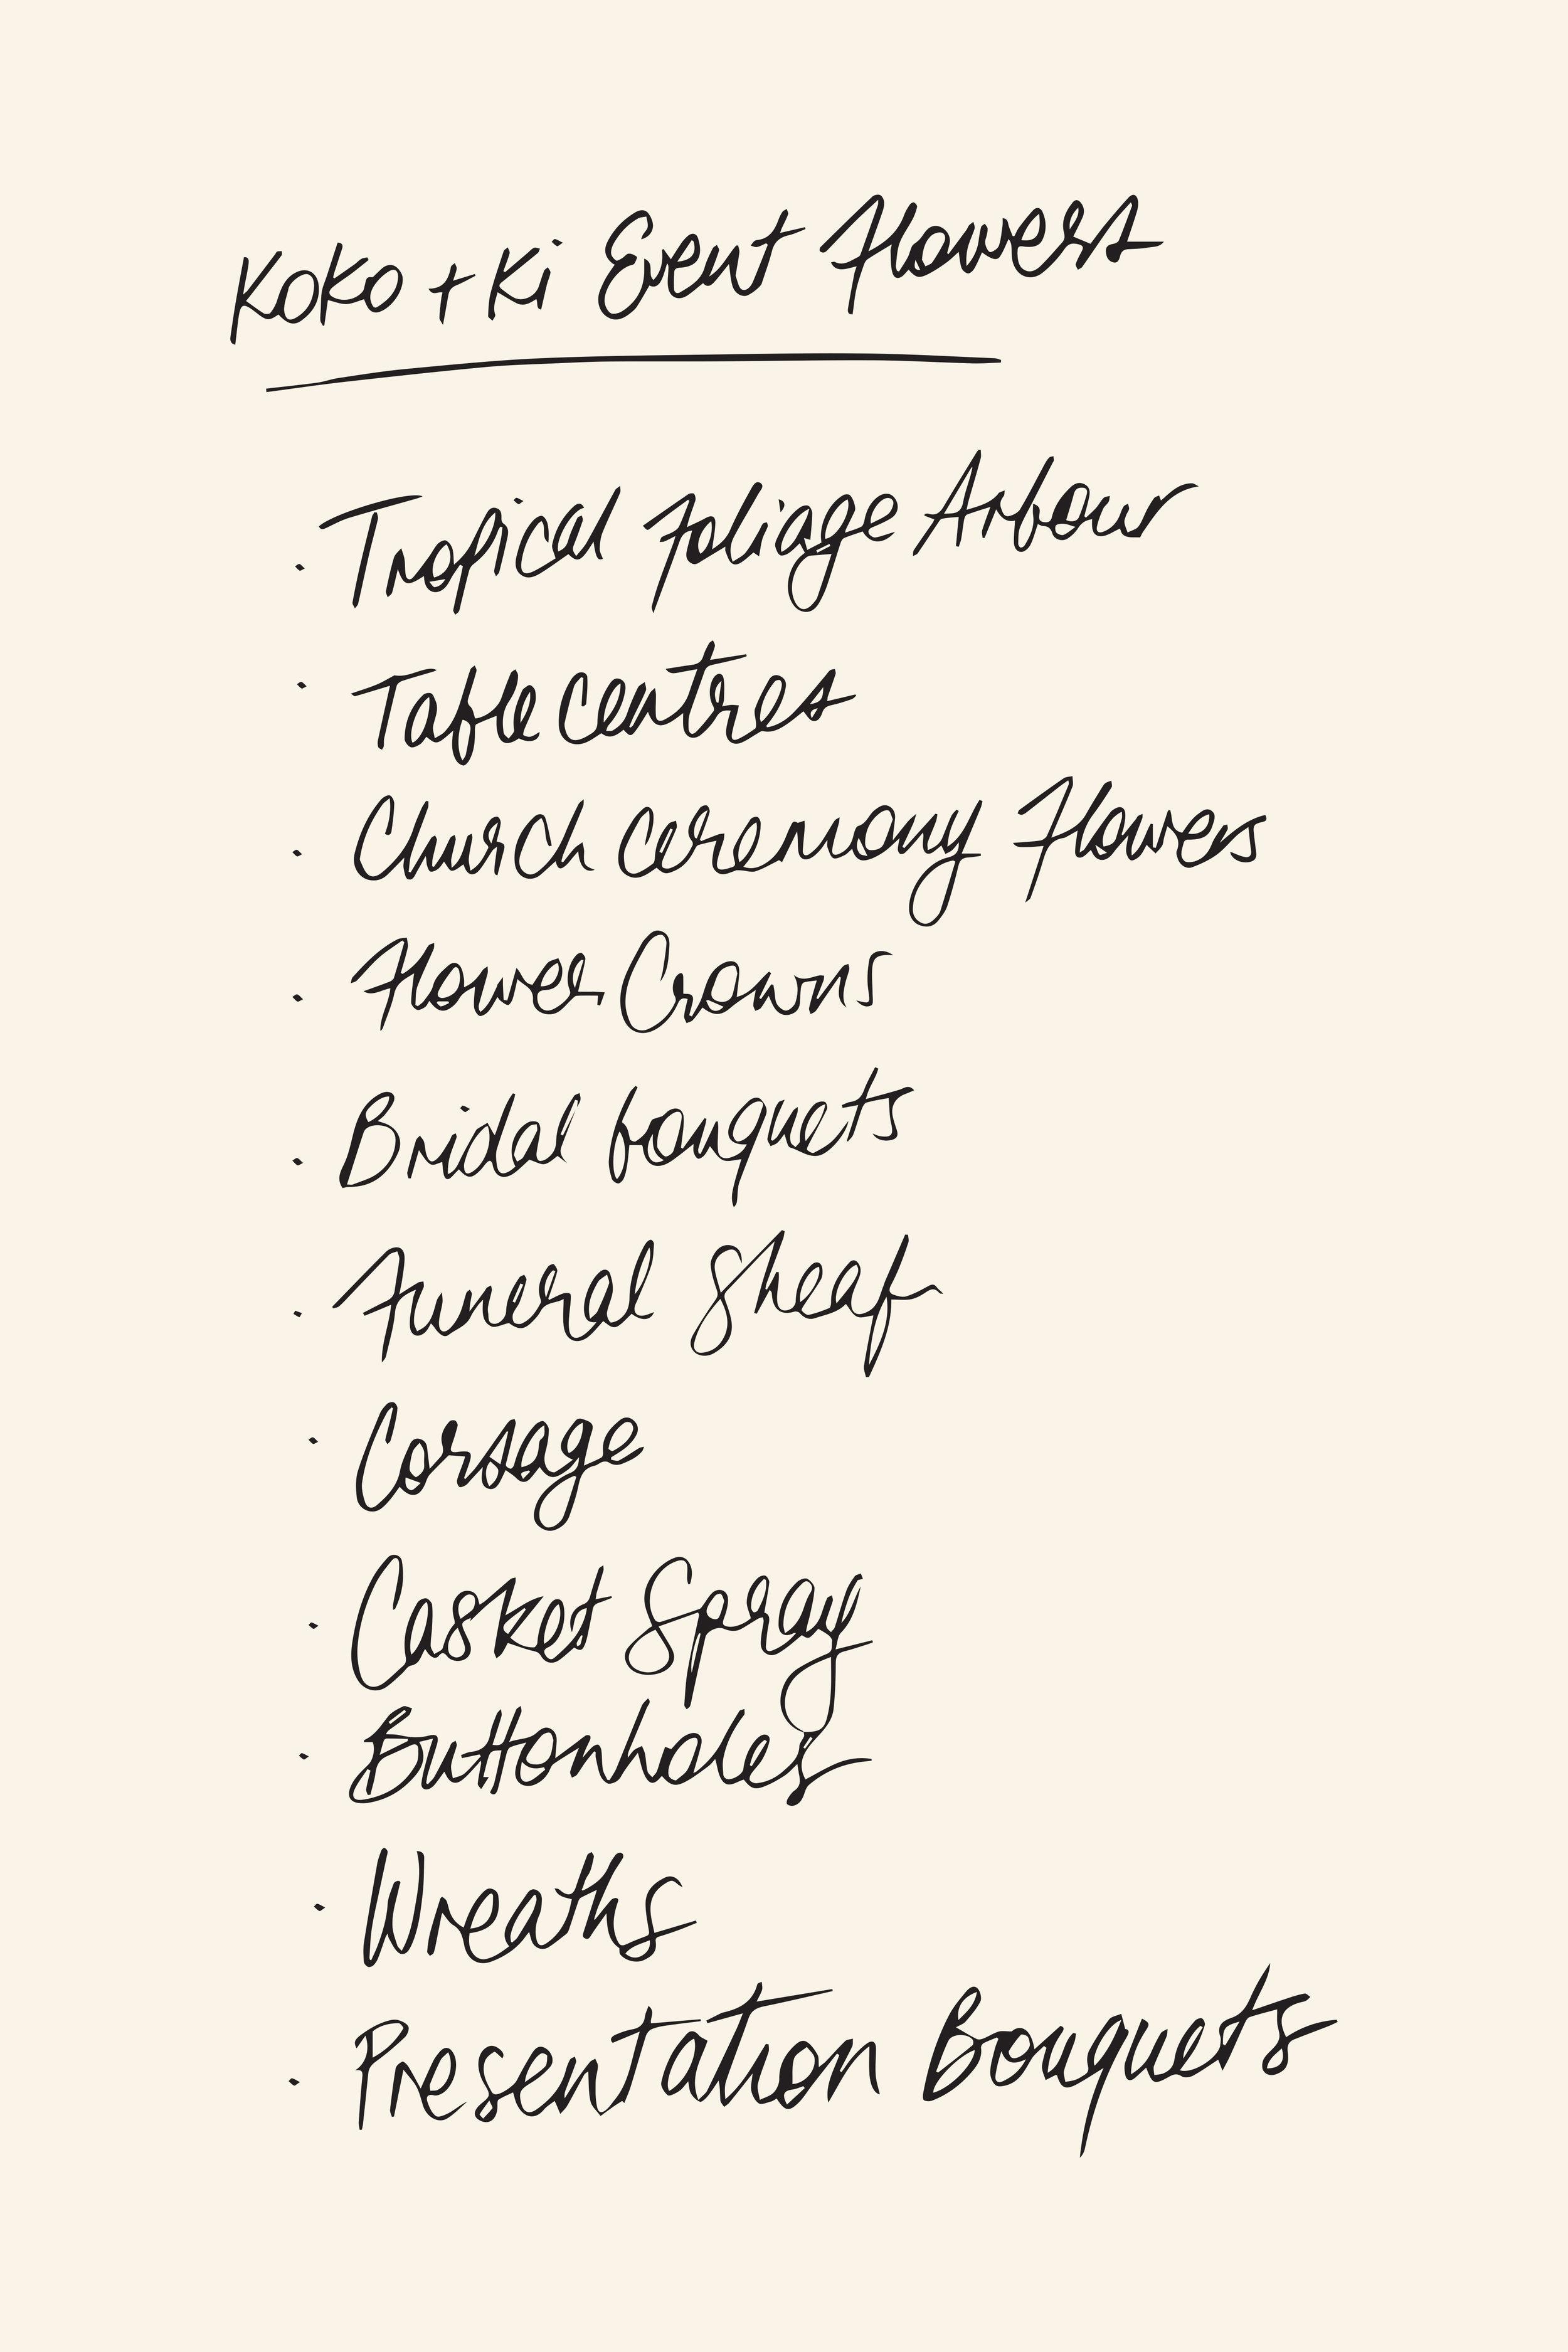 A list of what Koko & Ki can create.